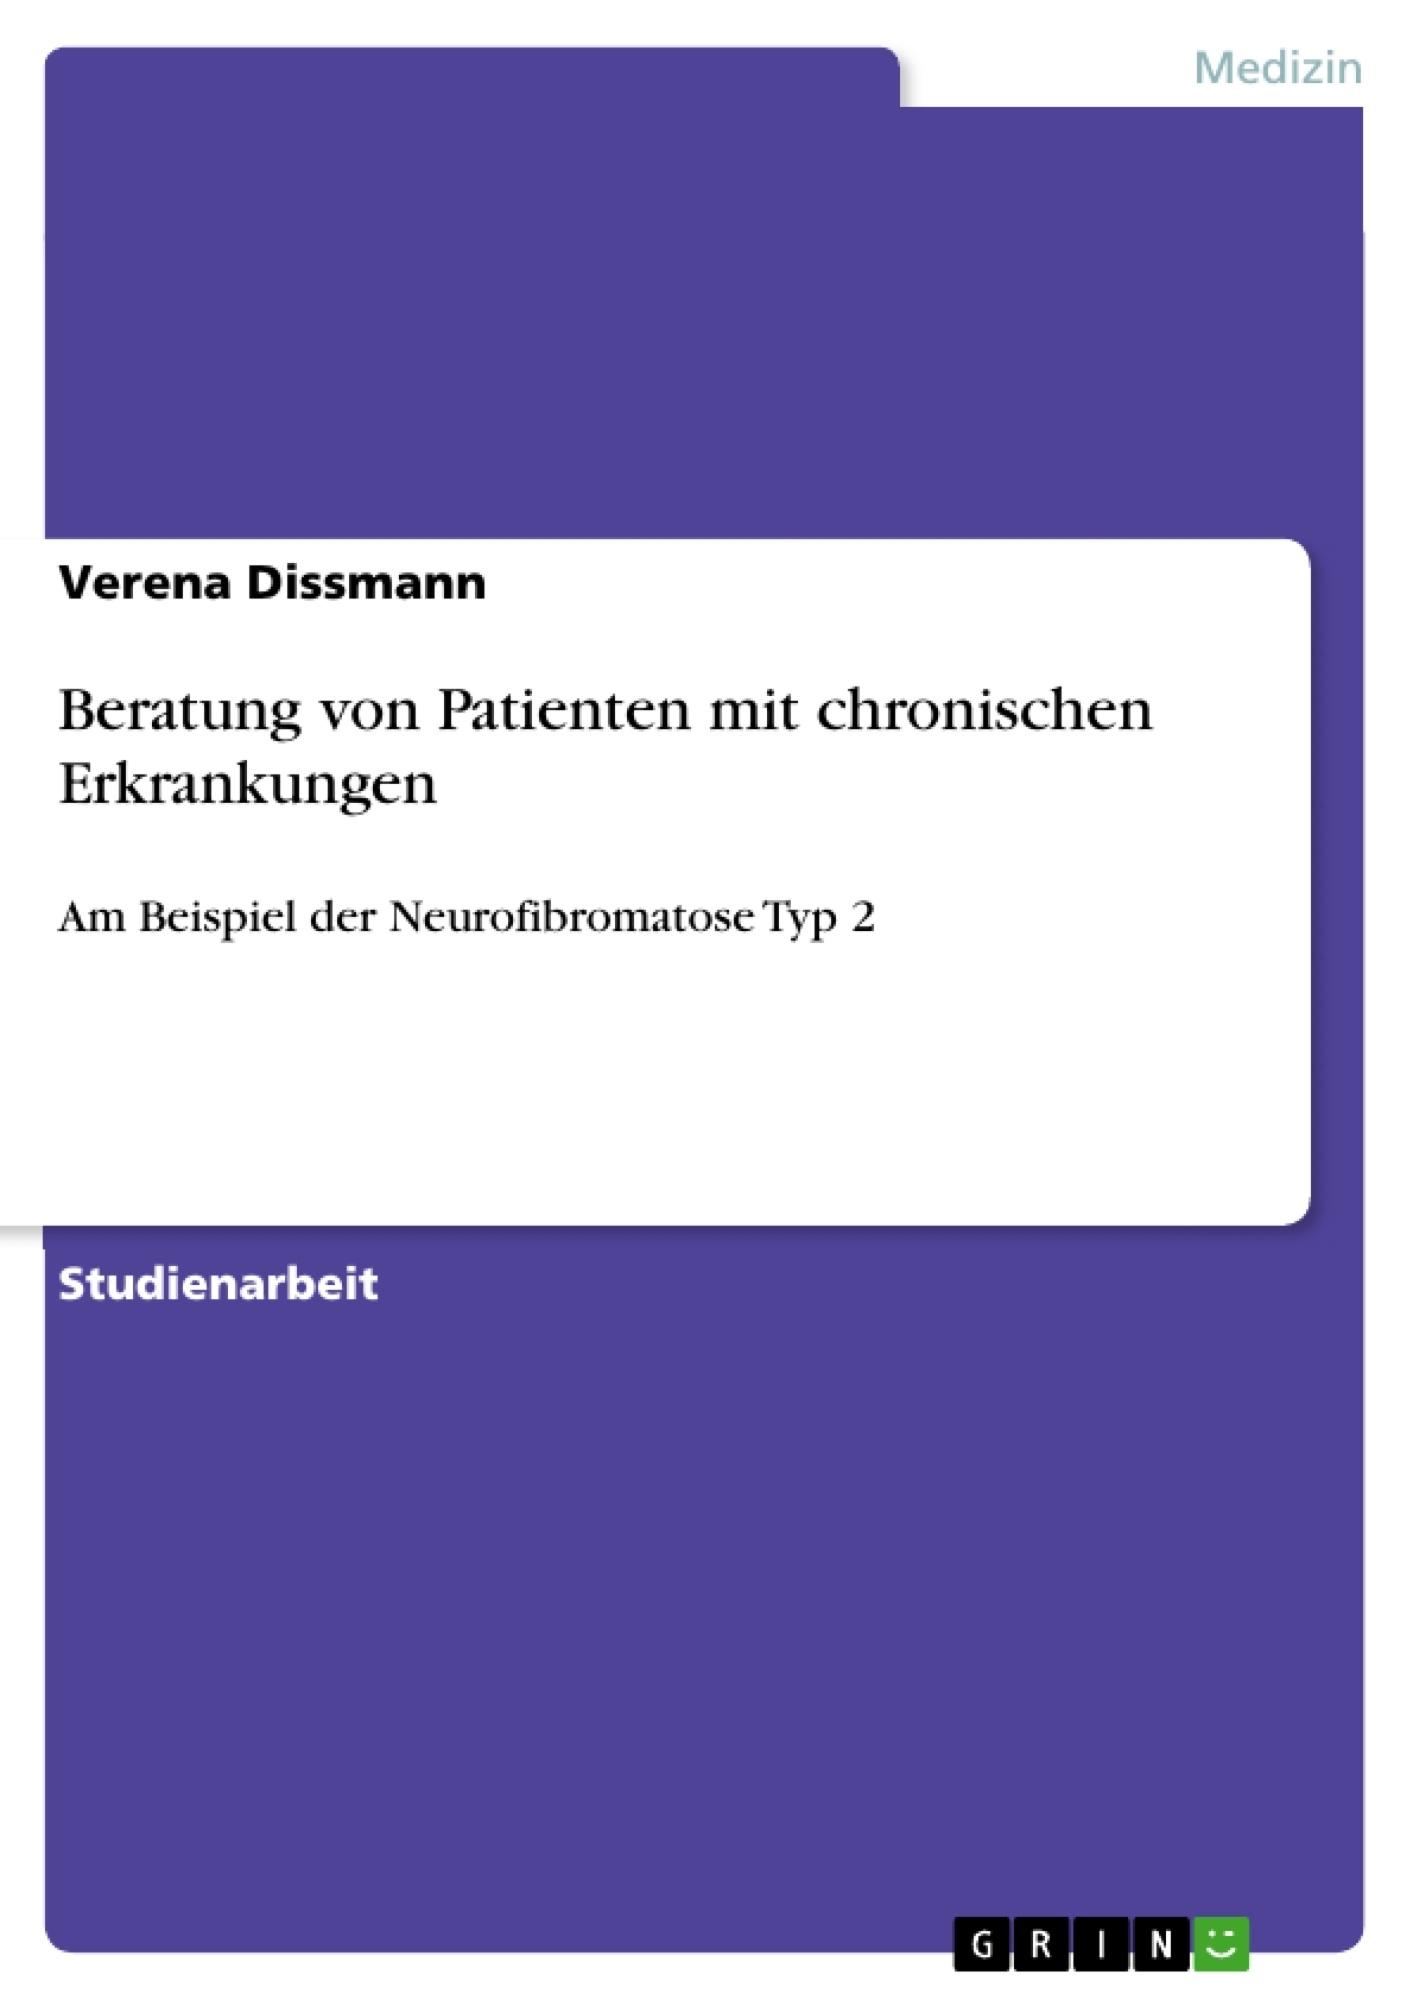 Titel: Beratung von Patienten mit chronischen Erkrankungen